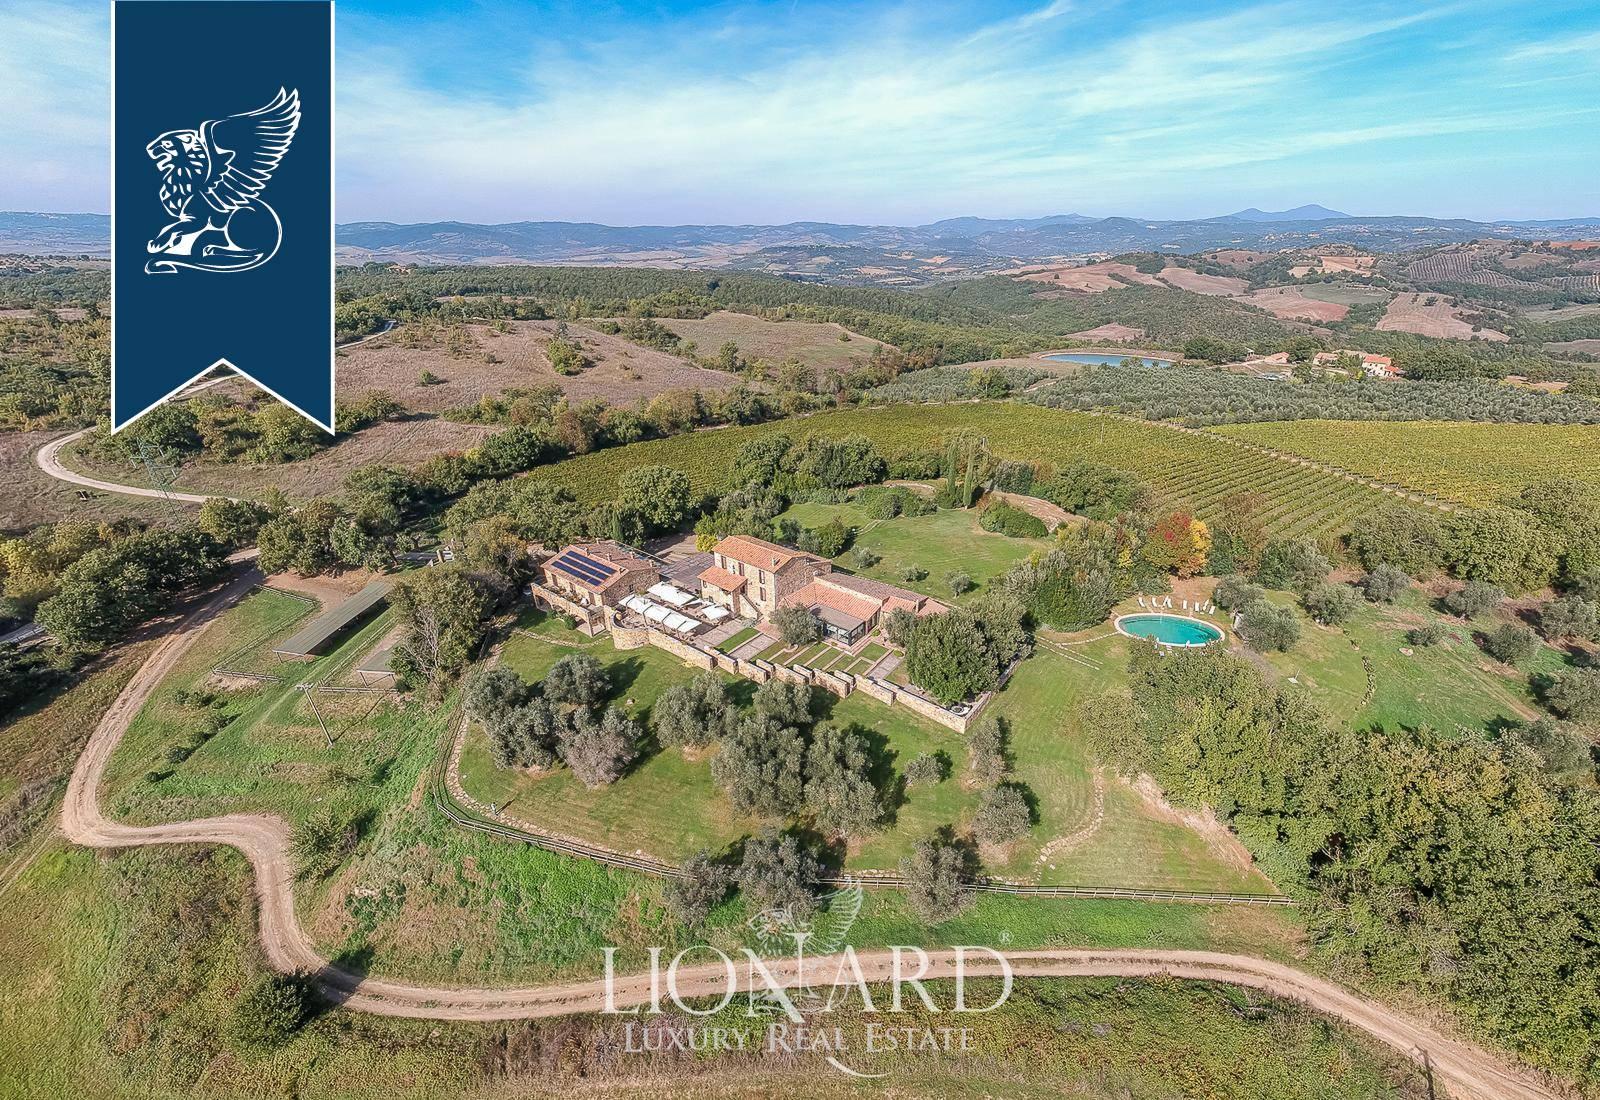 Azienda in Vendita a Manciano: 0 locali, 3404 mq - Foto 2